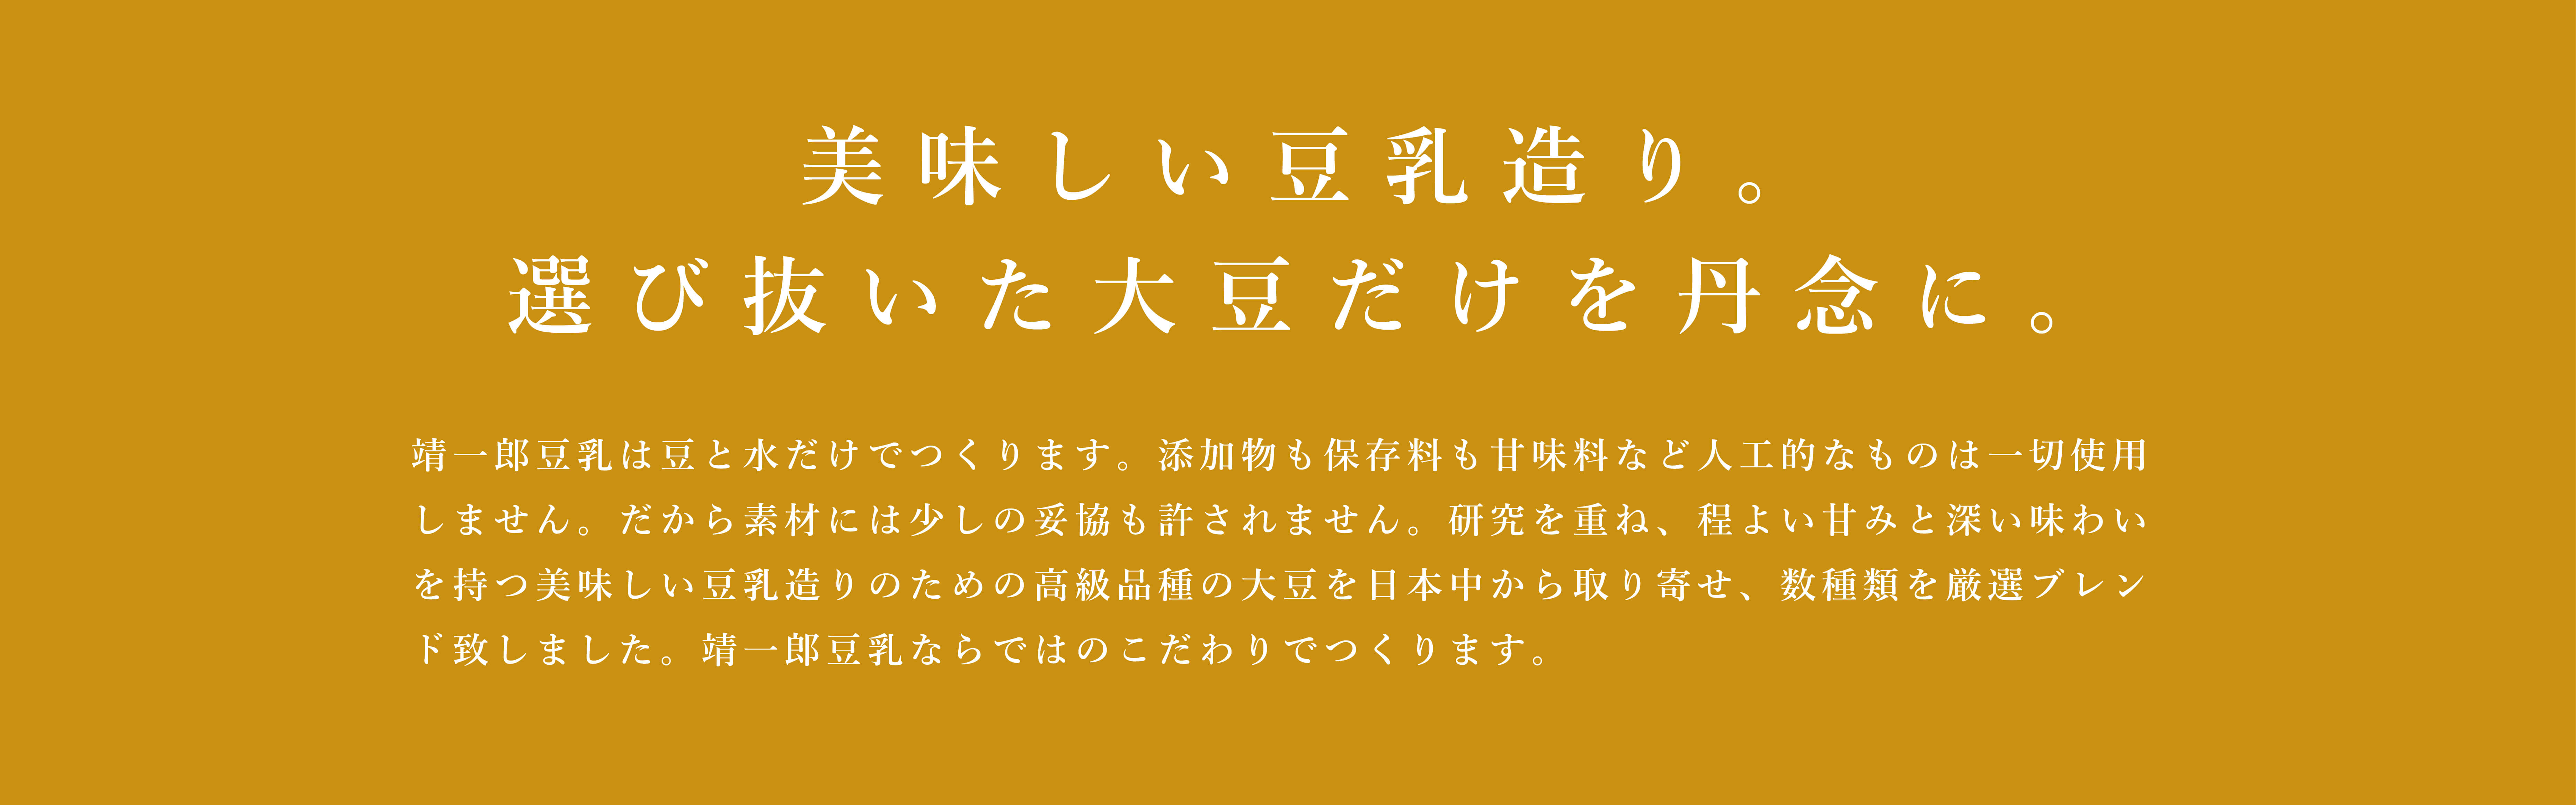 これぞ大豆の王様。その豆だけを、丹念に。靖一郎豆乳は豆と水だけでつくります。添加物も保存料も甘味料など人工的なものは一切使用しません。だから素材には少しの妥協も許されません。吟味に吟味をかさねた結果、大豆には佐賀県産のフクユタカだけを使用。数ある佐賀県産の大豆品種のなかでも、フクユタカは最高峰と認められています。その一粒一粒にはタンパク質の含有量が多く含まれ、糖質とのバランスもよく、くせが少なくまろやかで甘みもあるという、大豆本来の旨味を持っているからです。